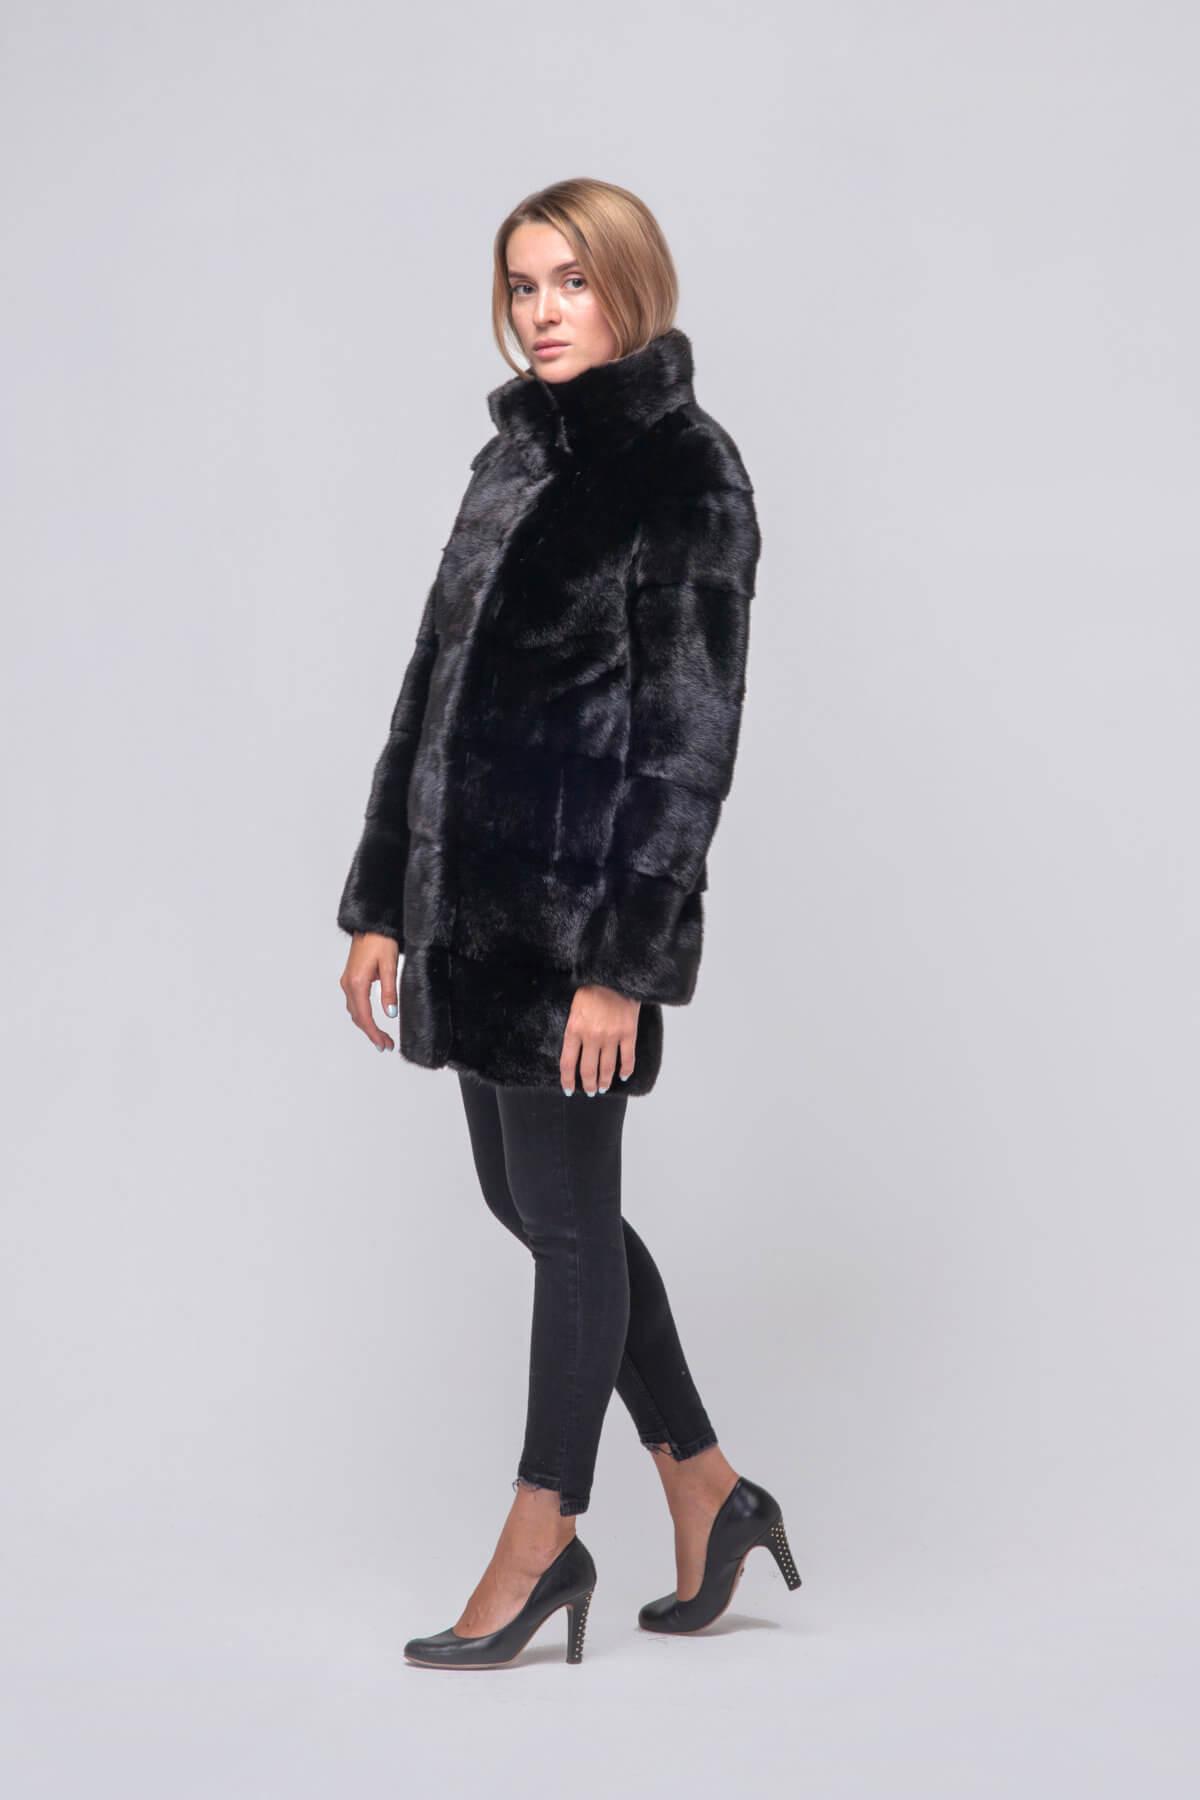 Полупальто из скандинавской норки Kopenhagen Fur. Фото 4